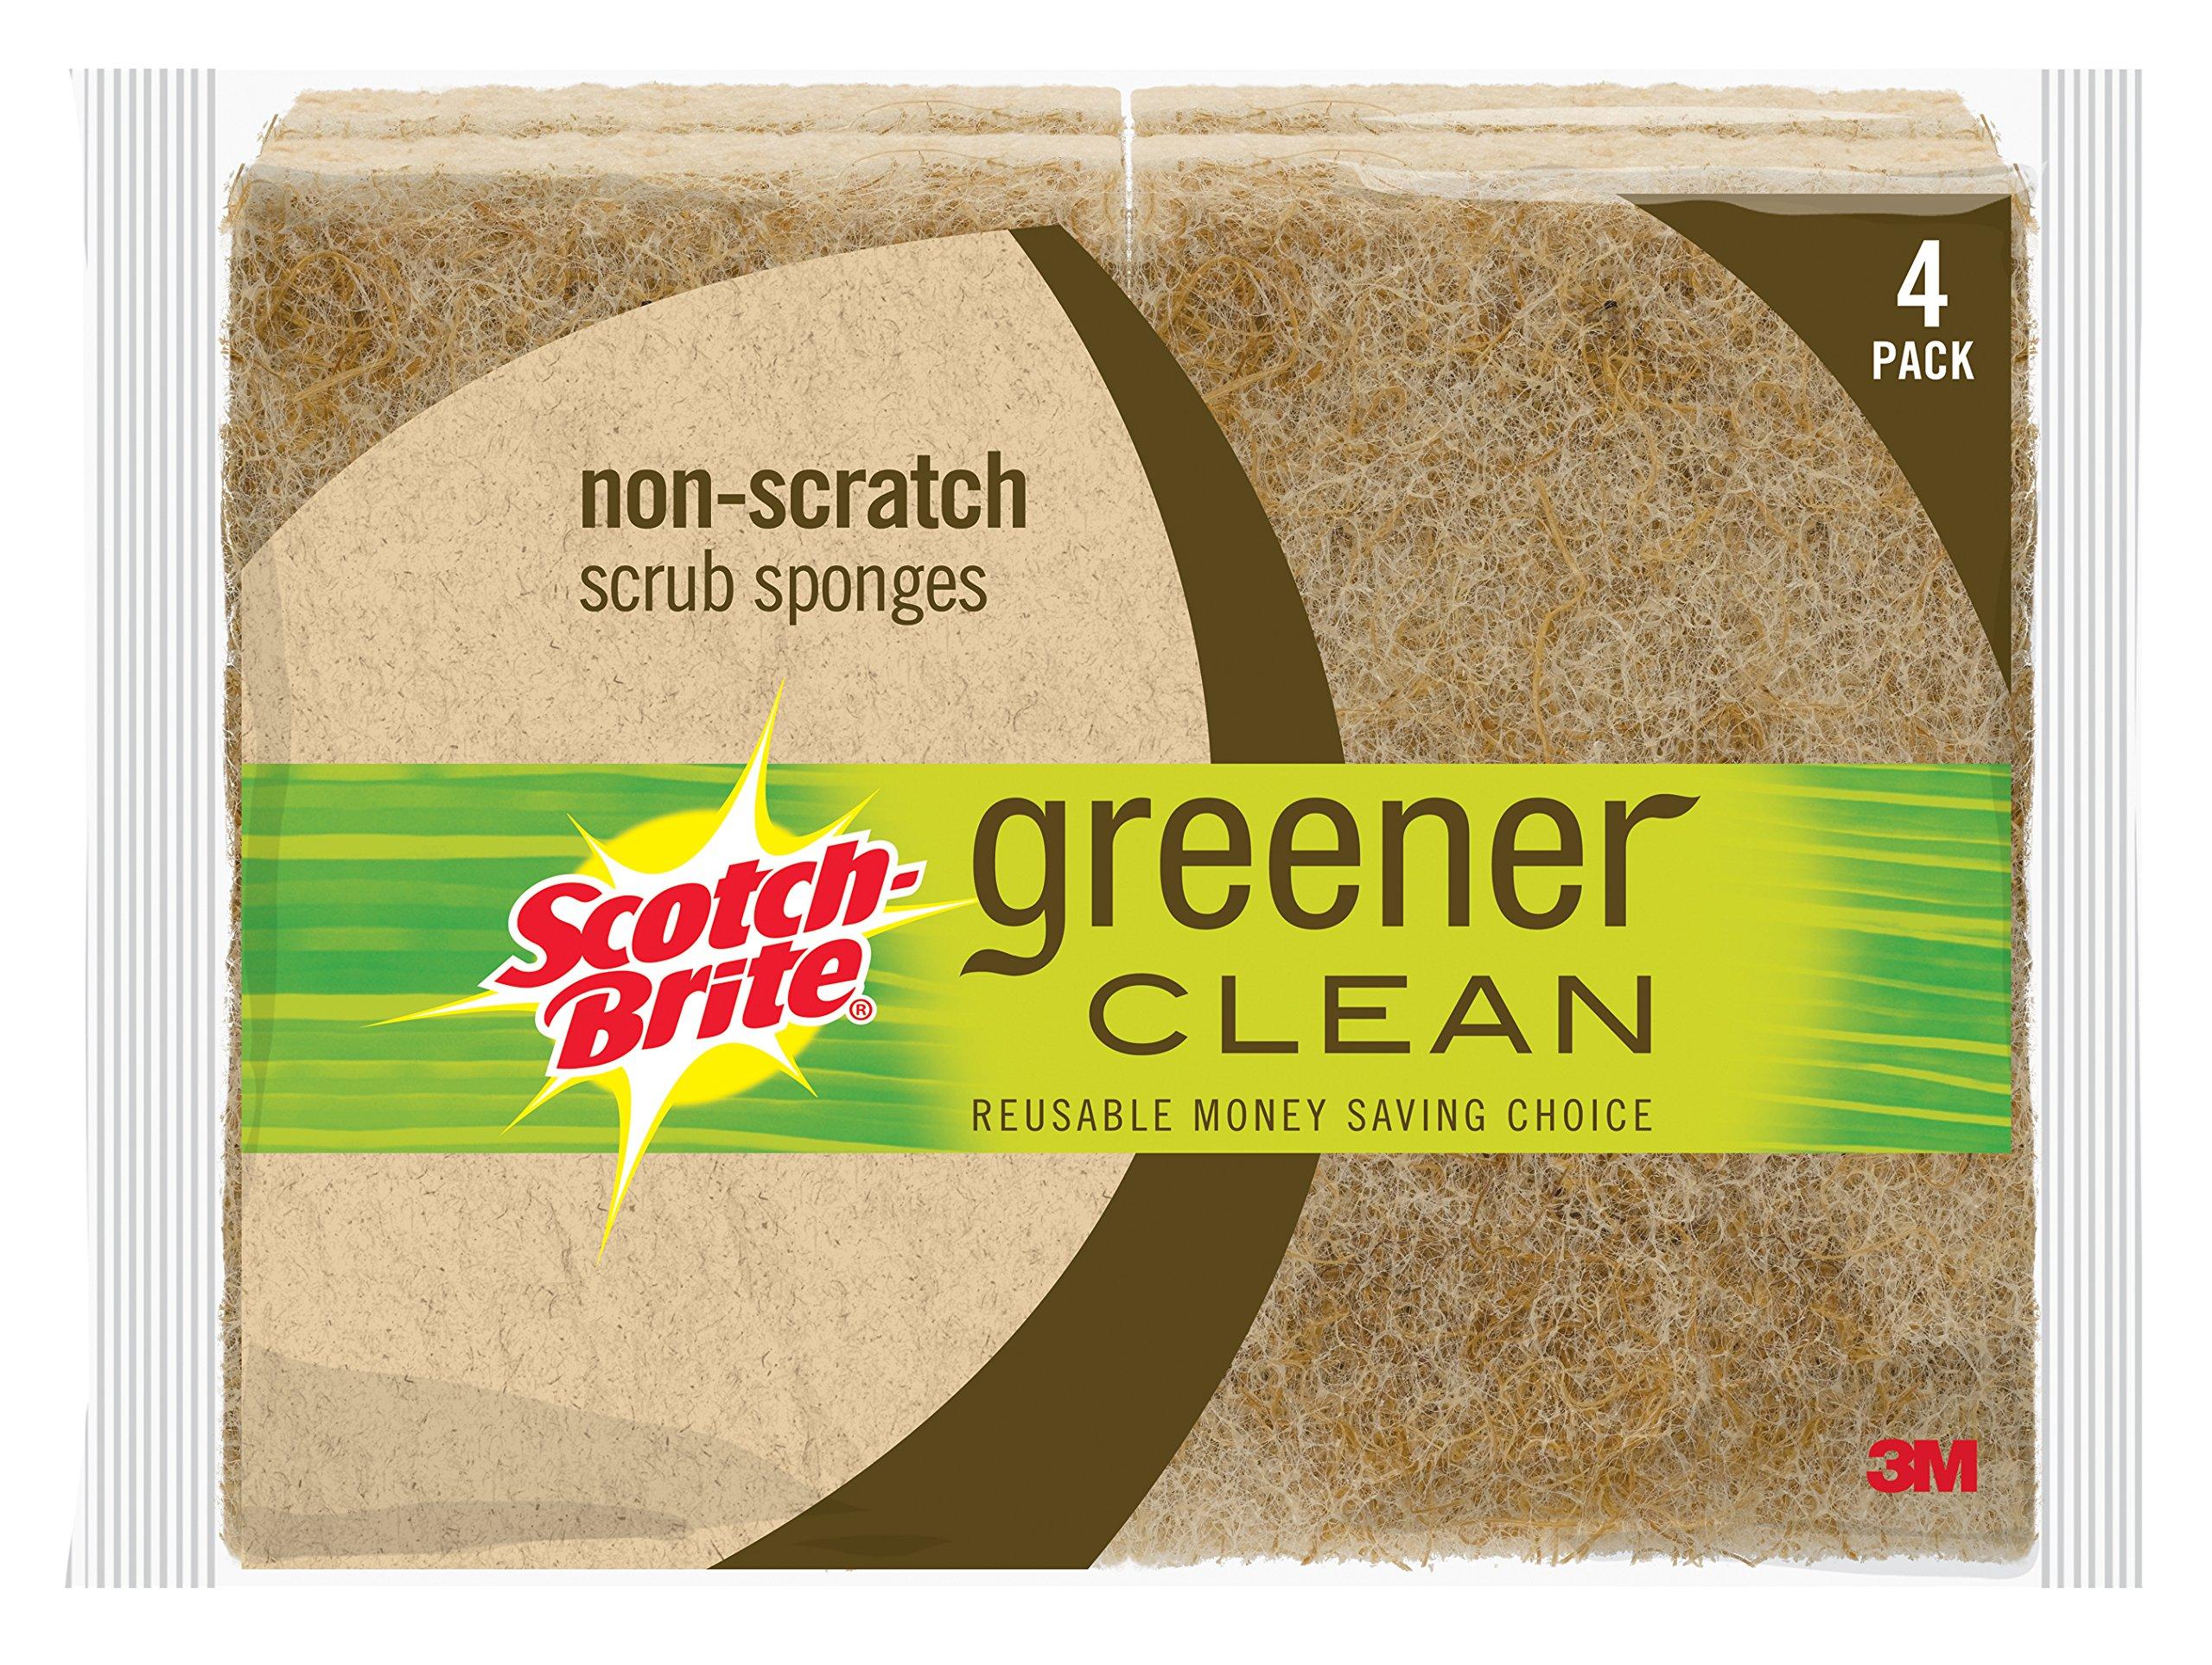 Scotch-Brite Greener Clean Non-Scratch Scrub Sponge, 4-Sponges/Pk, 12-Packs (48 Sponges Total) by Scotch-Brite (Image #2)